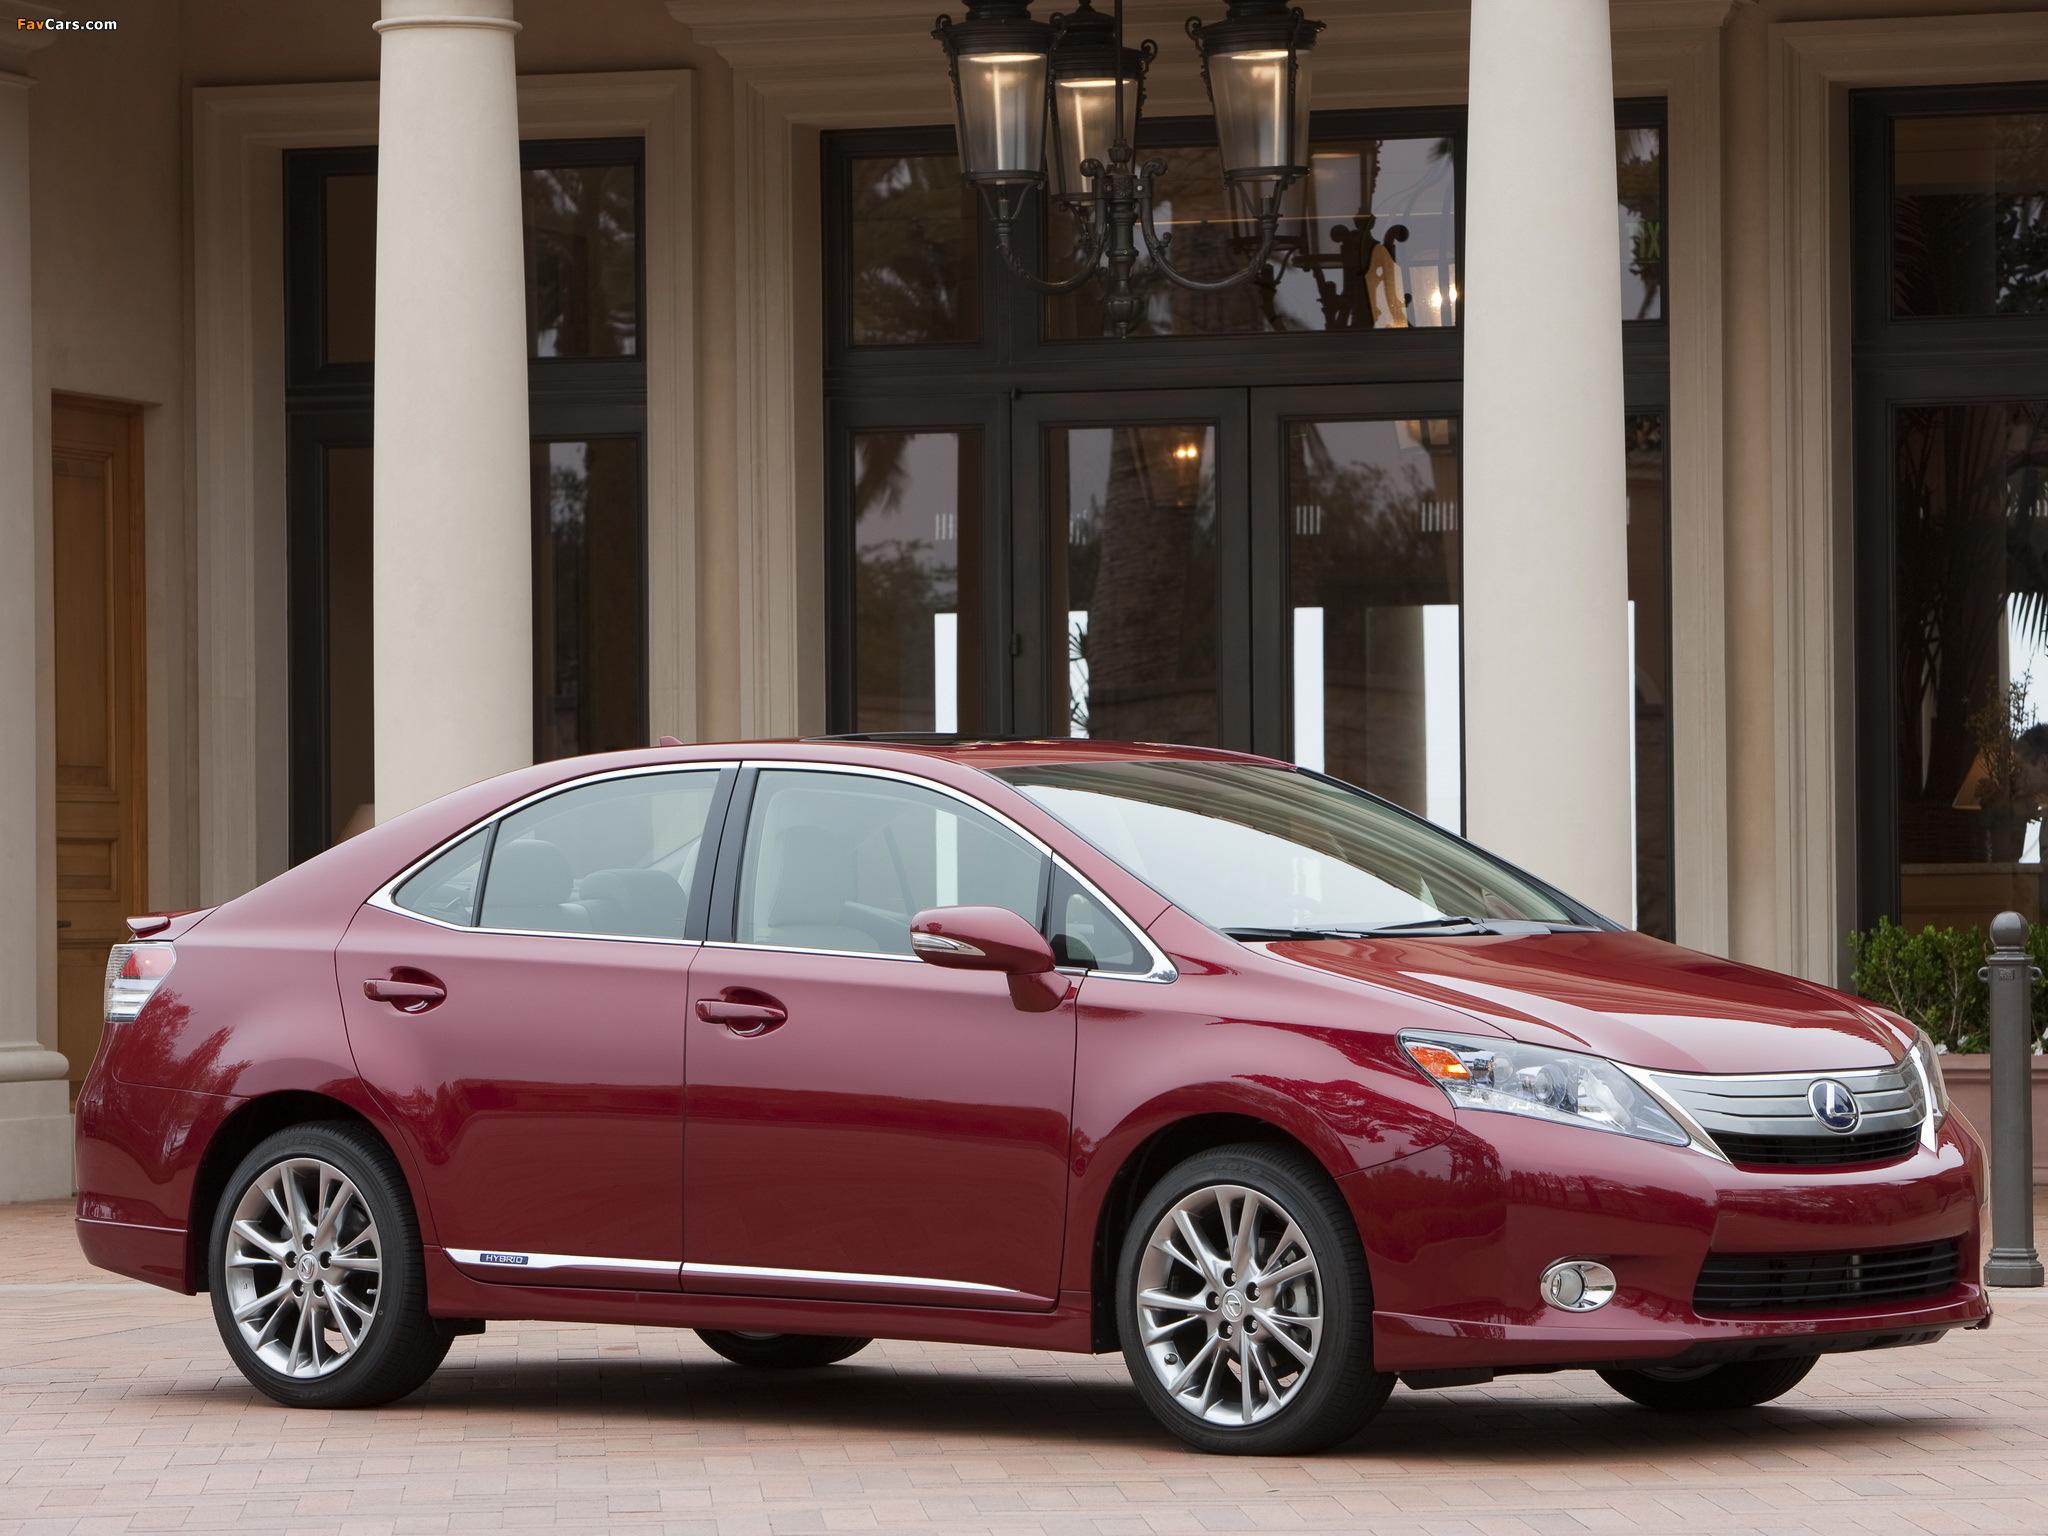 Lexus Лексус бордовый бесплатно